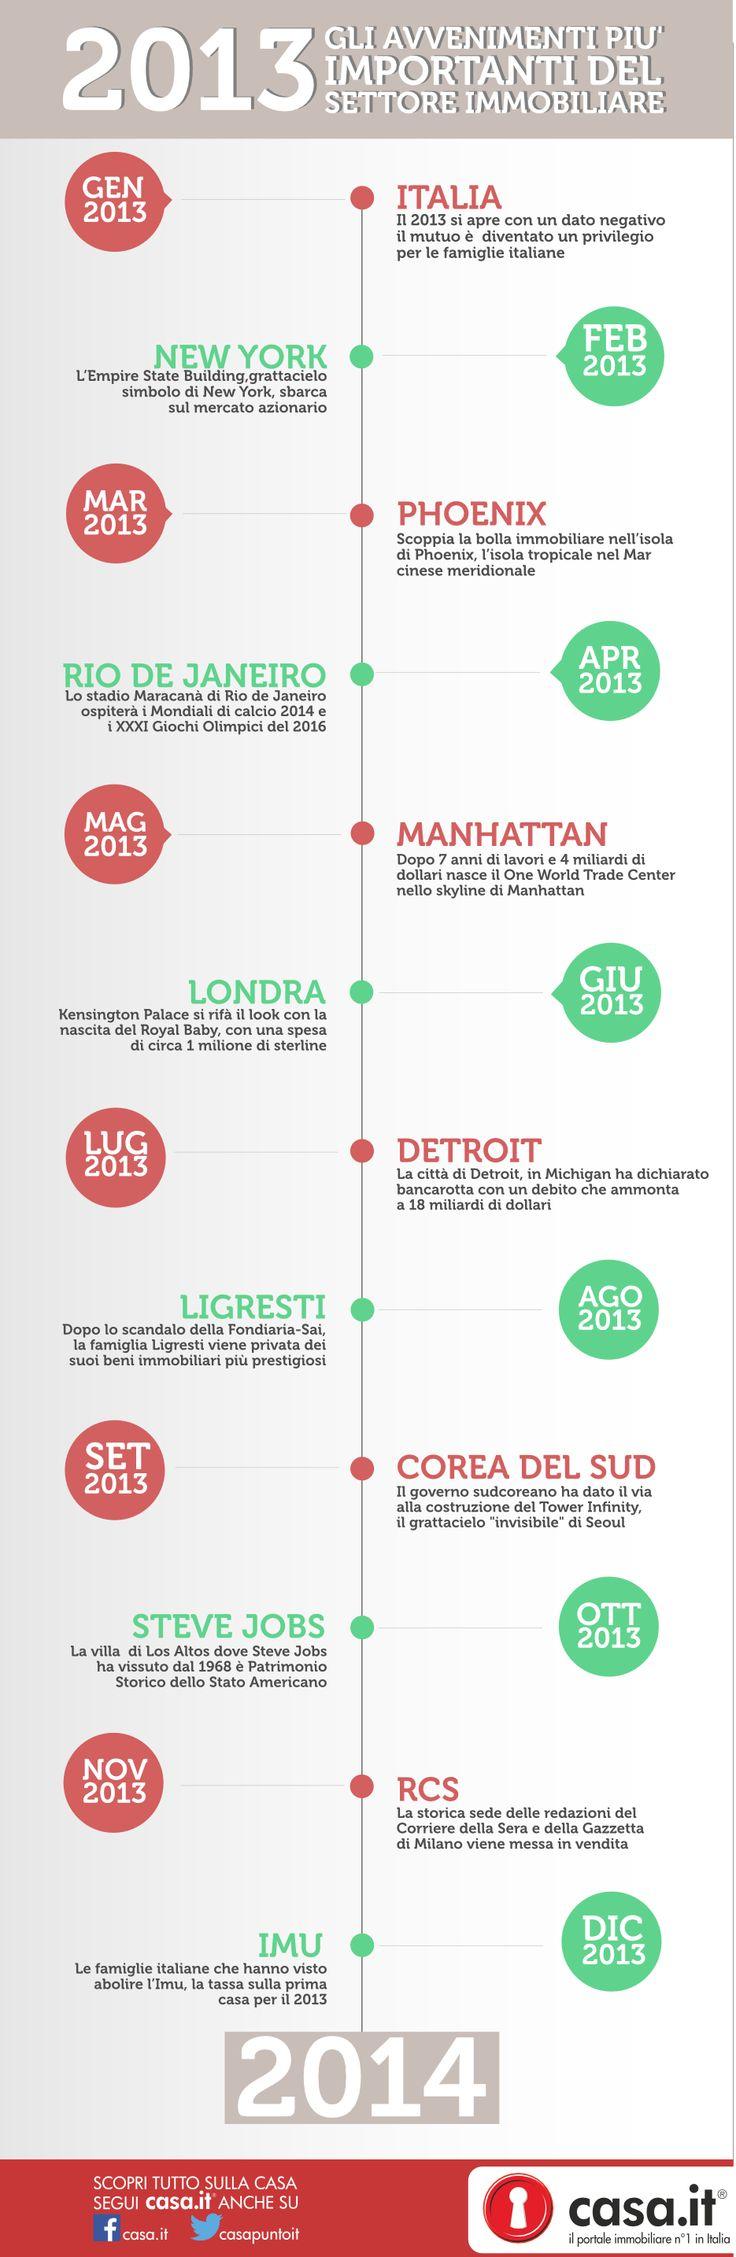 #Infografica Casa.it ripercorre il 2013 scorrendo in rassegna gli avvenimenti più importanti del settore immobiliare. Scopri di più su http://blog.casa.it/2014/01/08/infografica-casa-it-tipercorre-2013-settore-immobiliare/